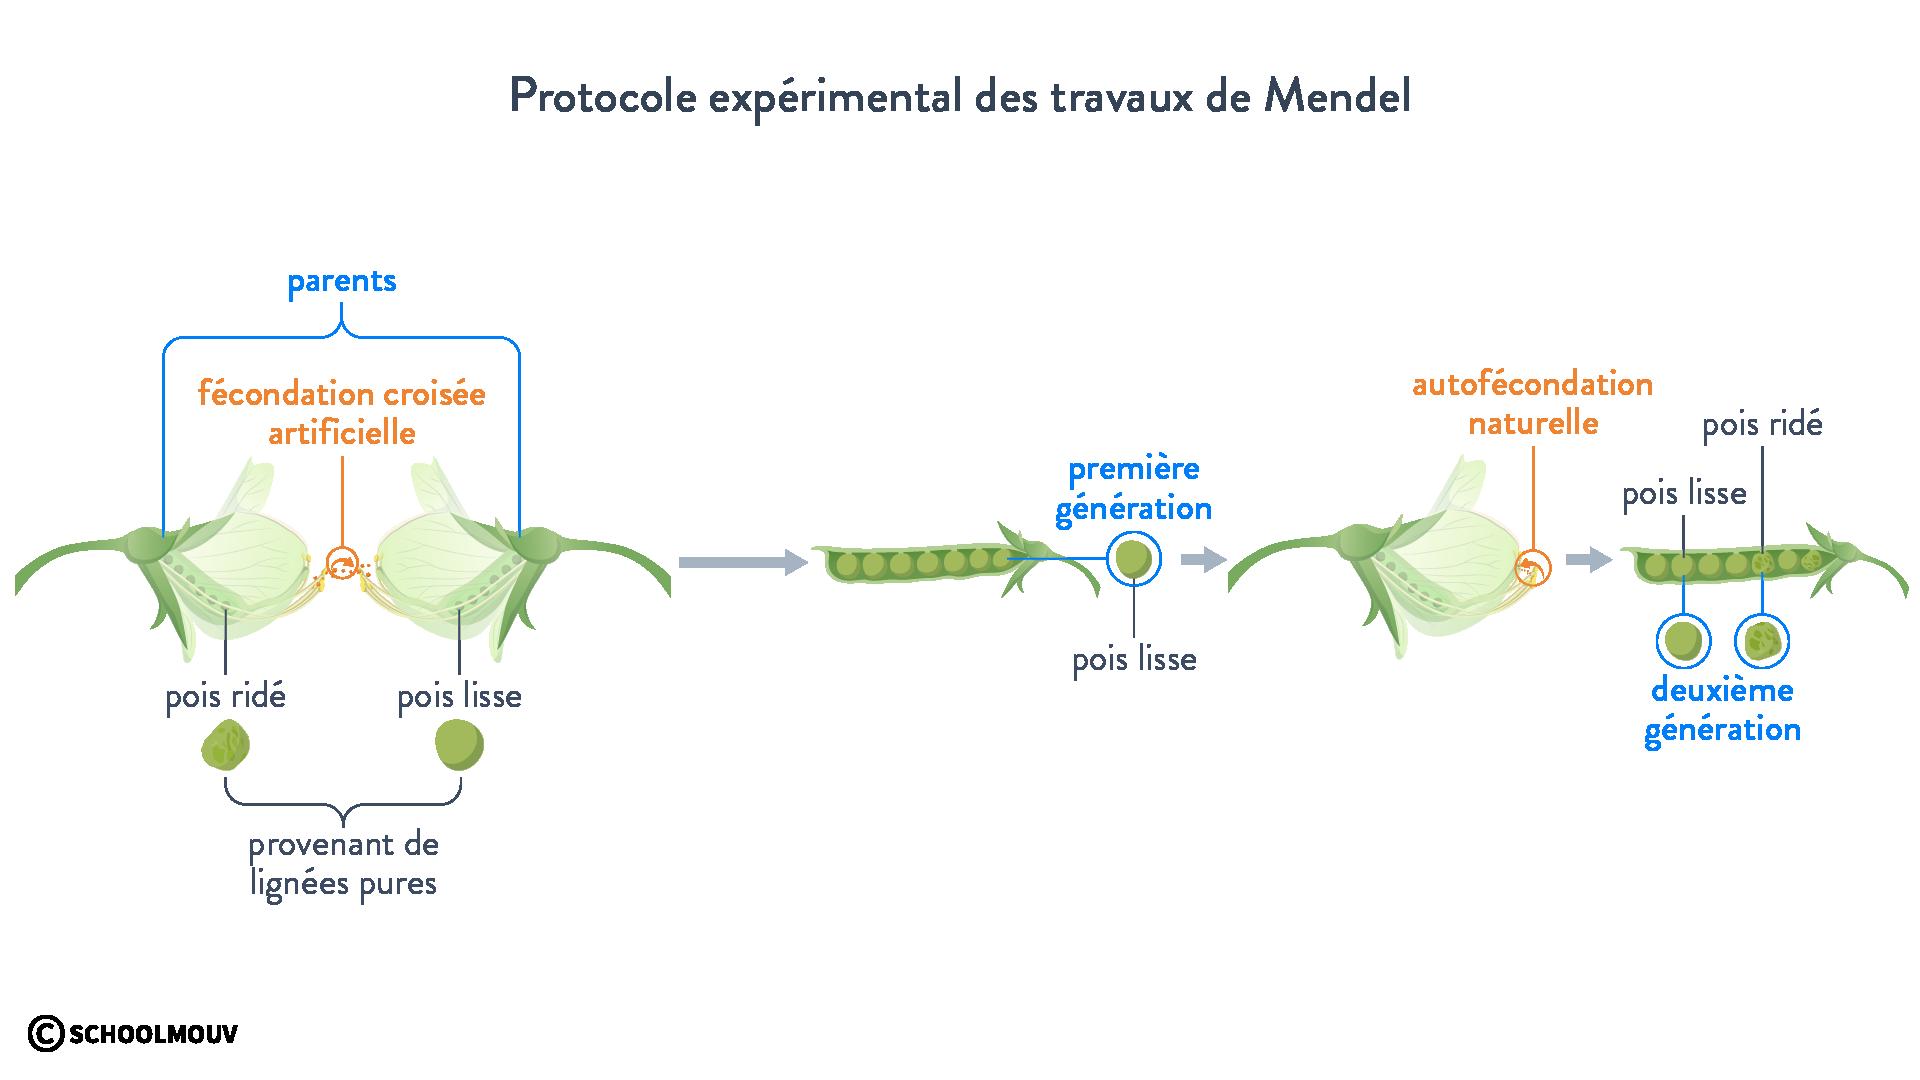 Protocole expérimental des travaux de Mendel